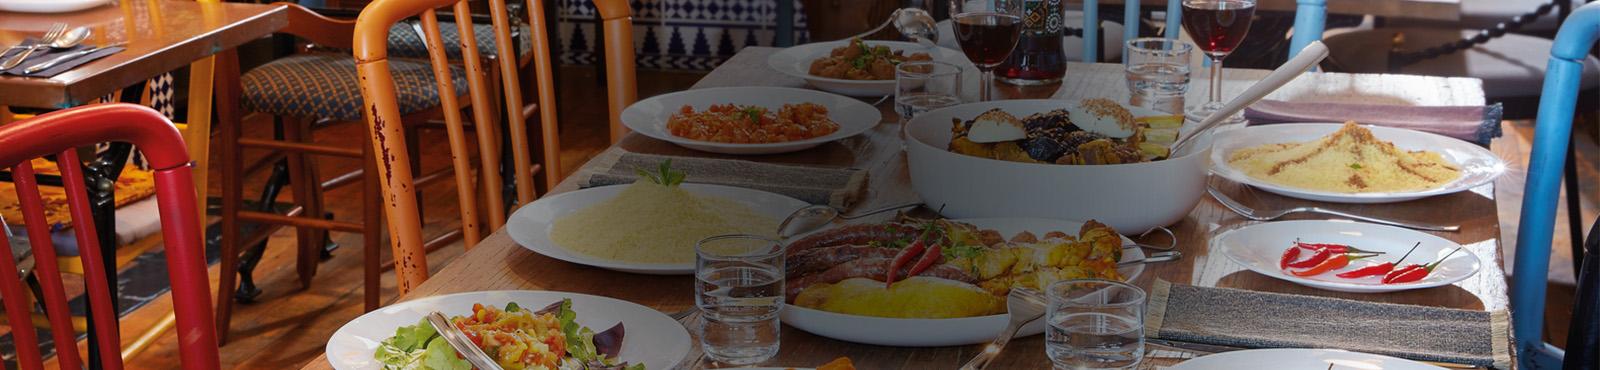 Banniere solution tables cuisine méditerranéenne